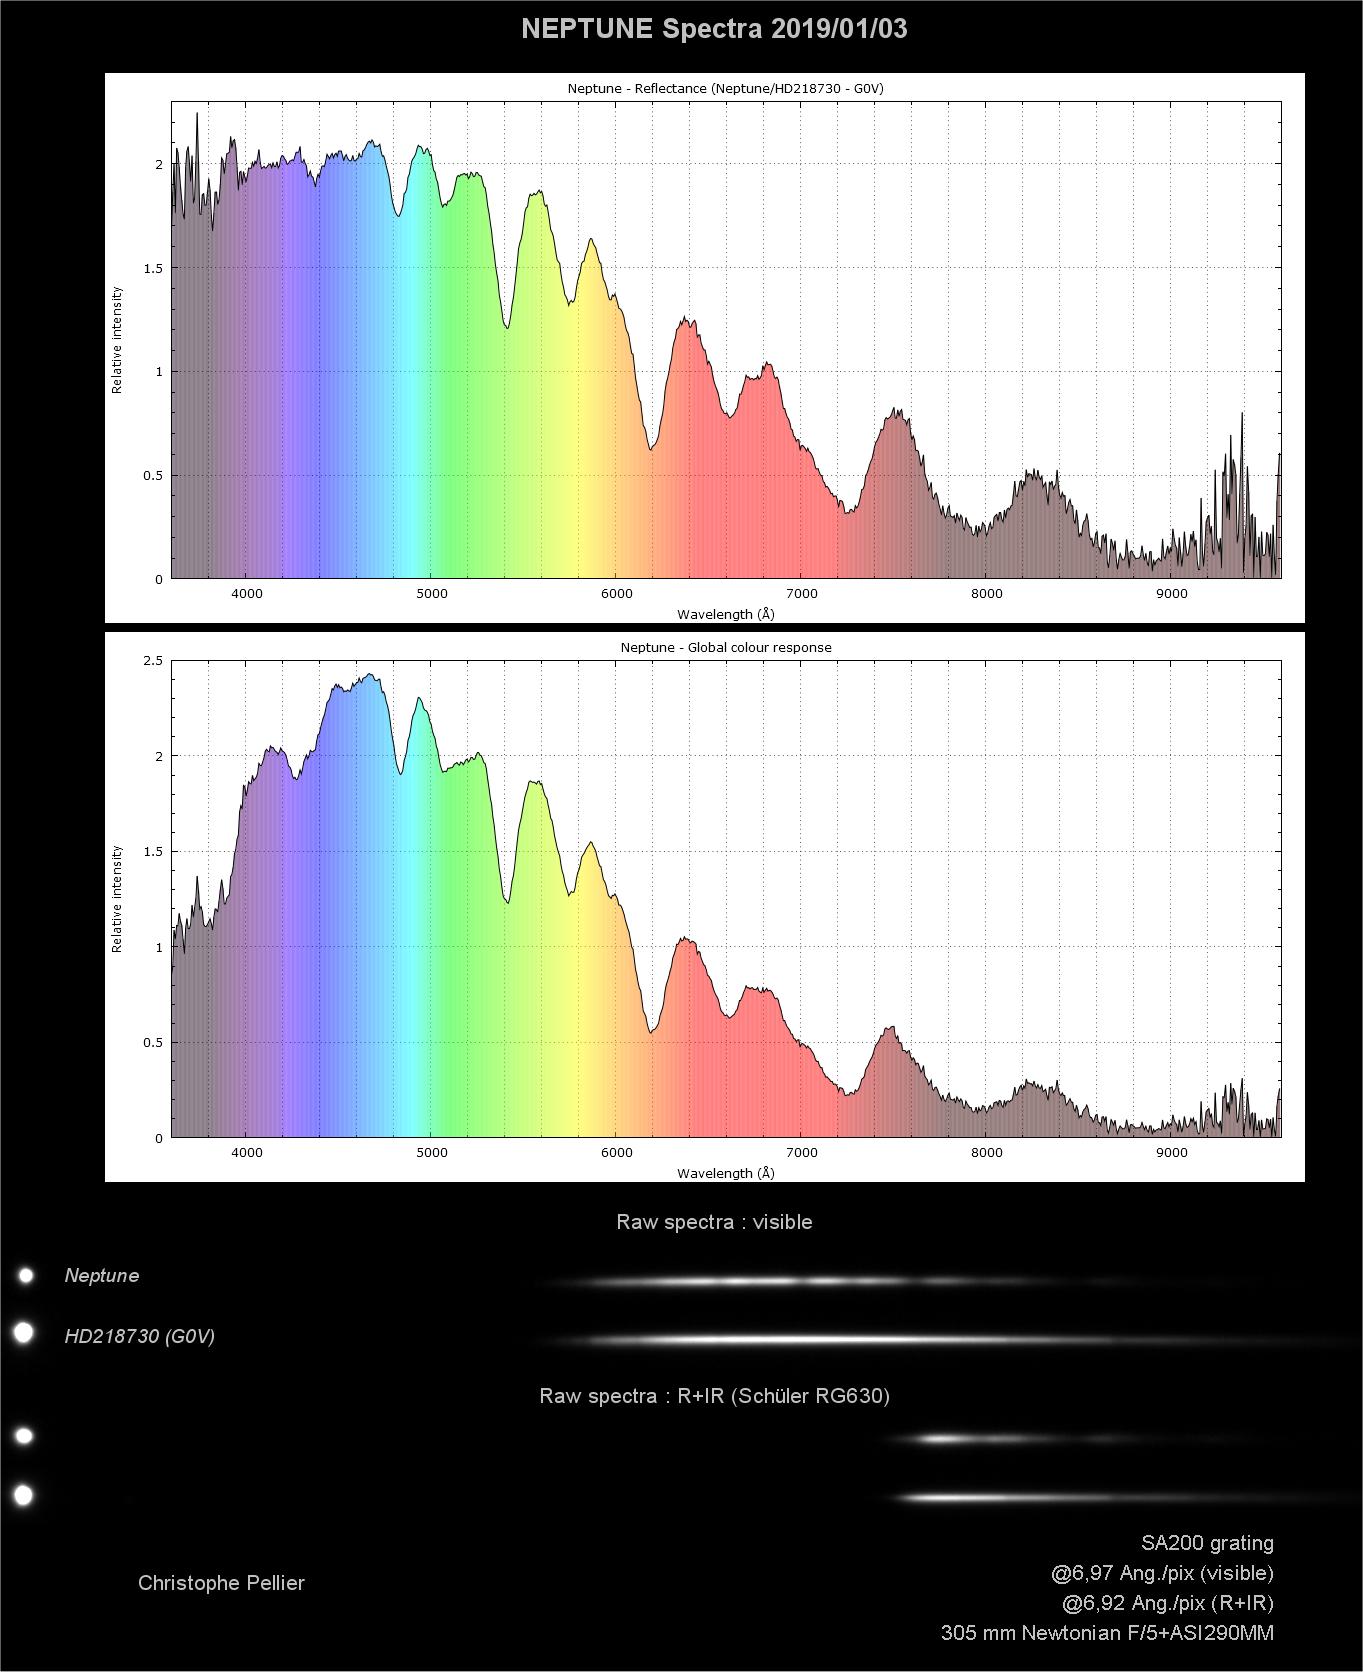 N2019-01-03_spectrum_cp.png